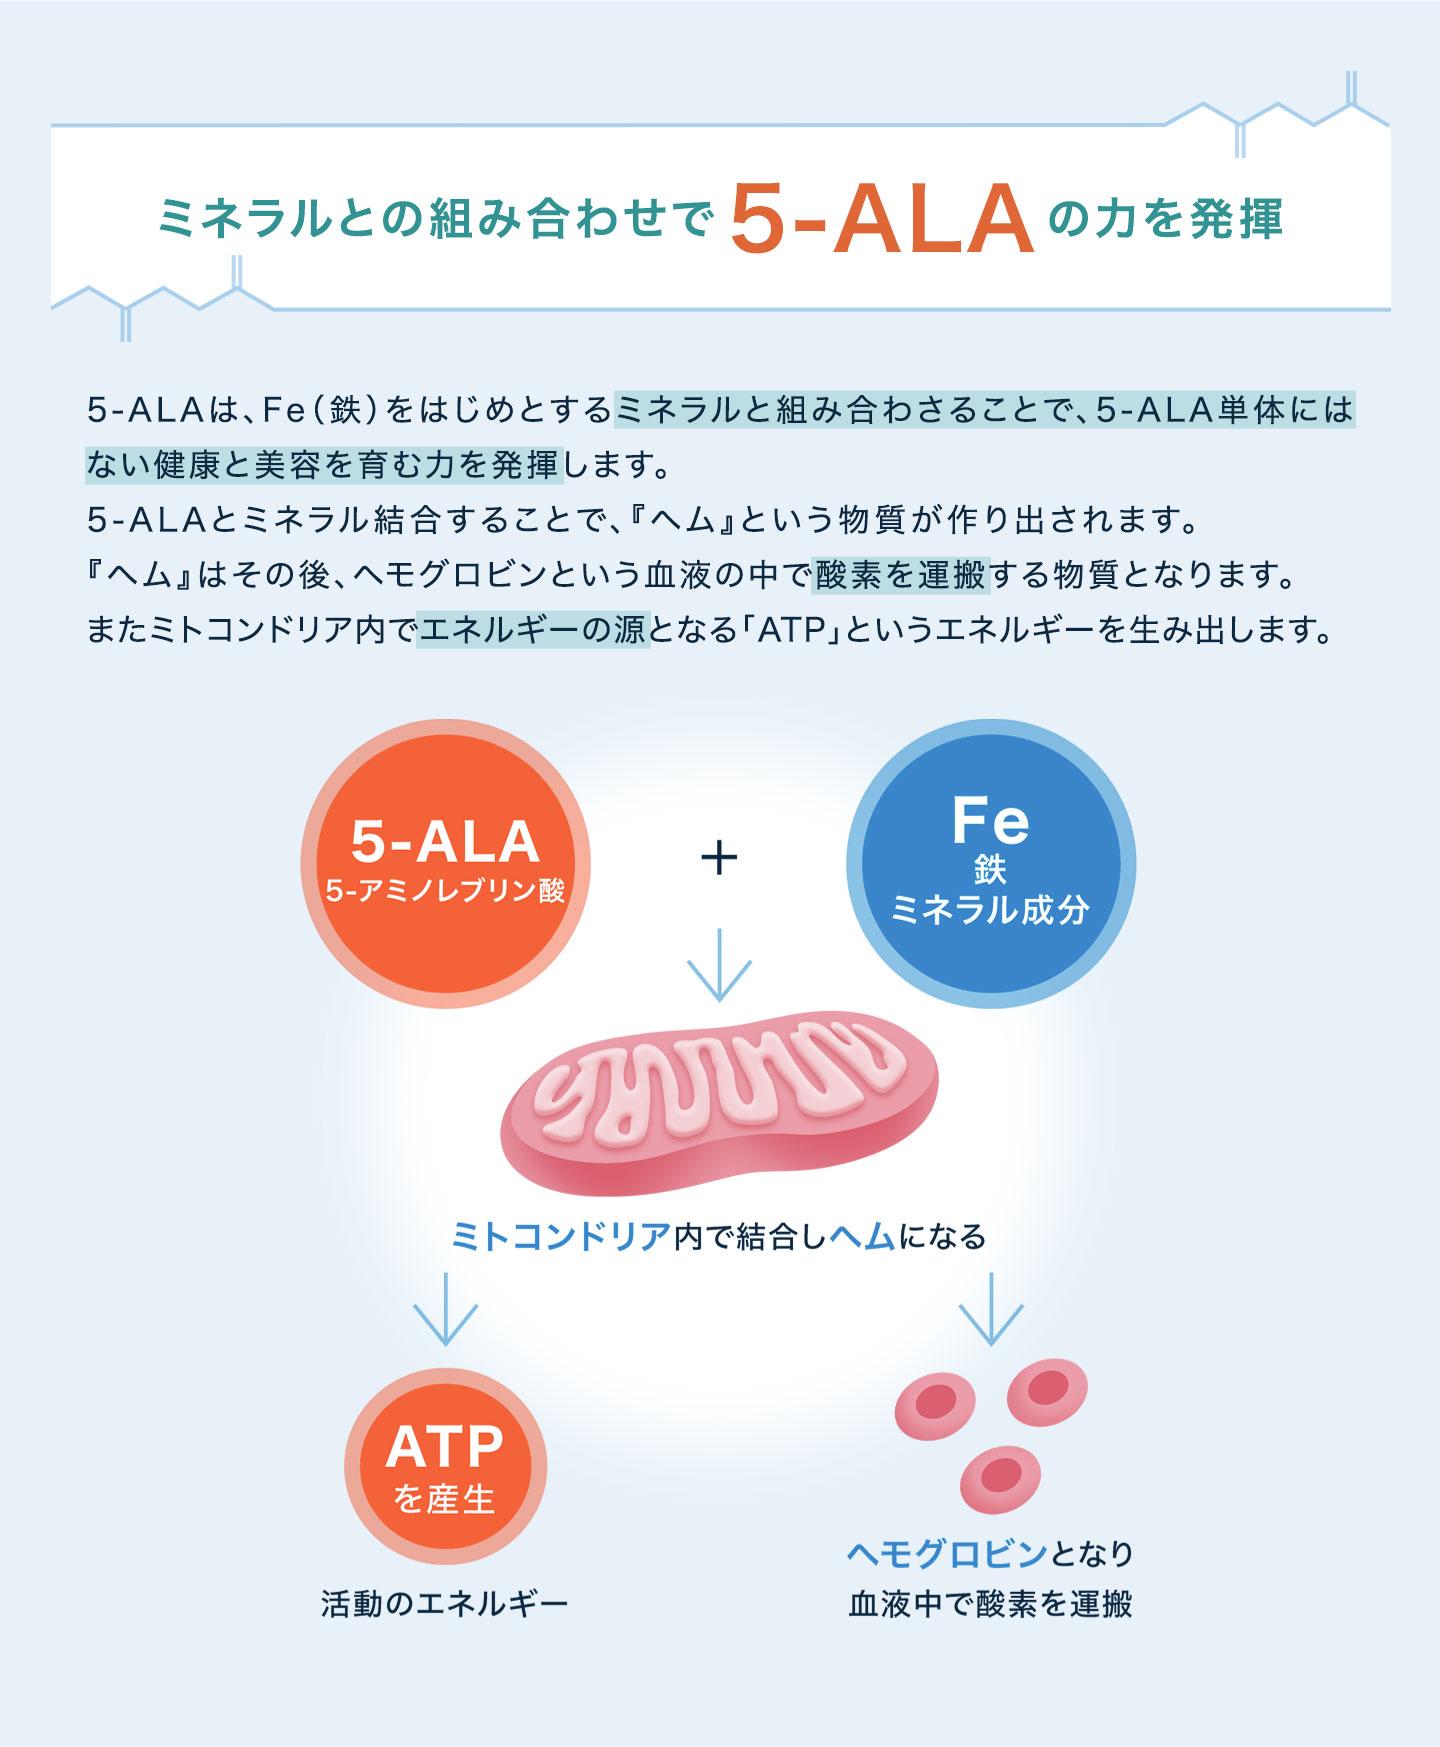 ミネラルとの組み合わせで5-ALAの力を発揮